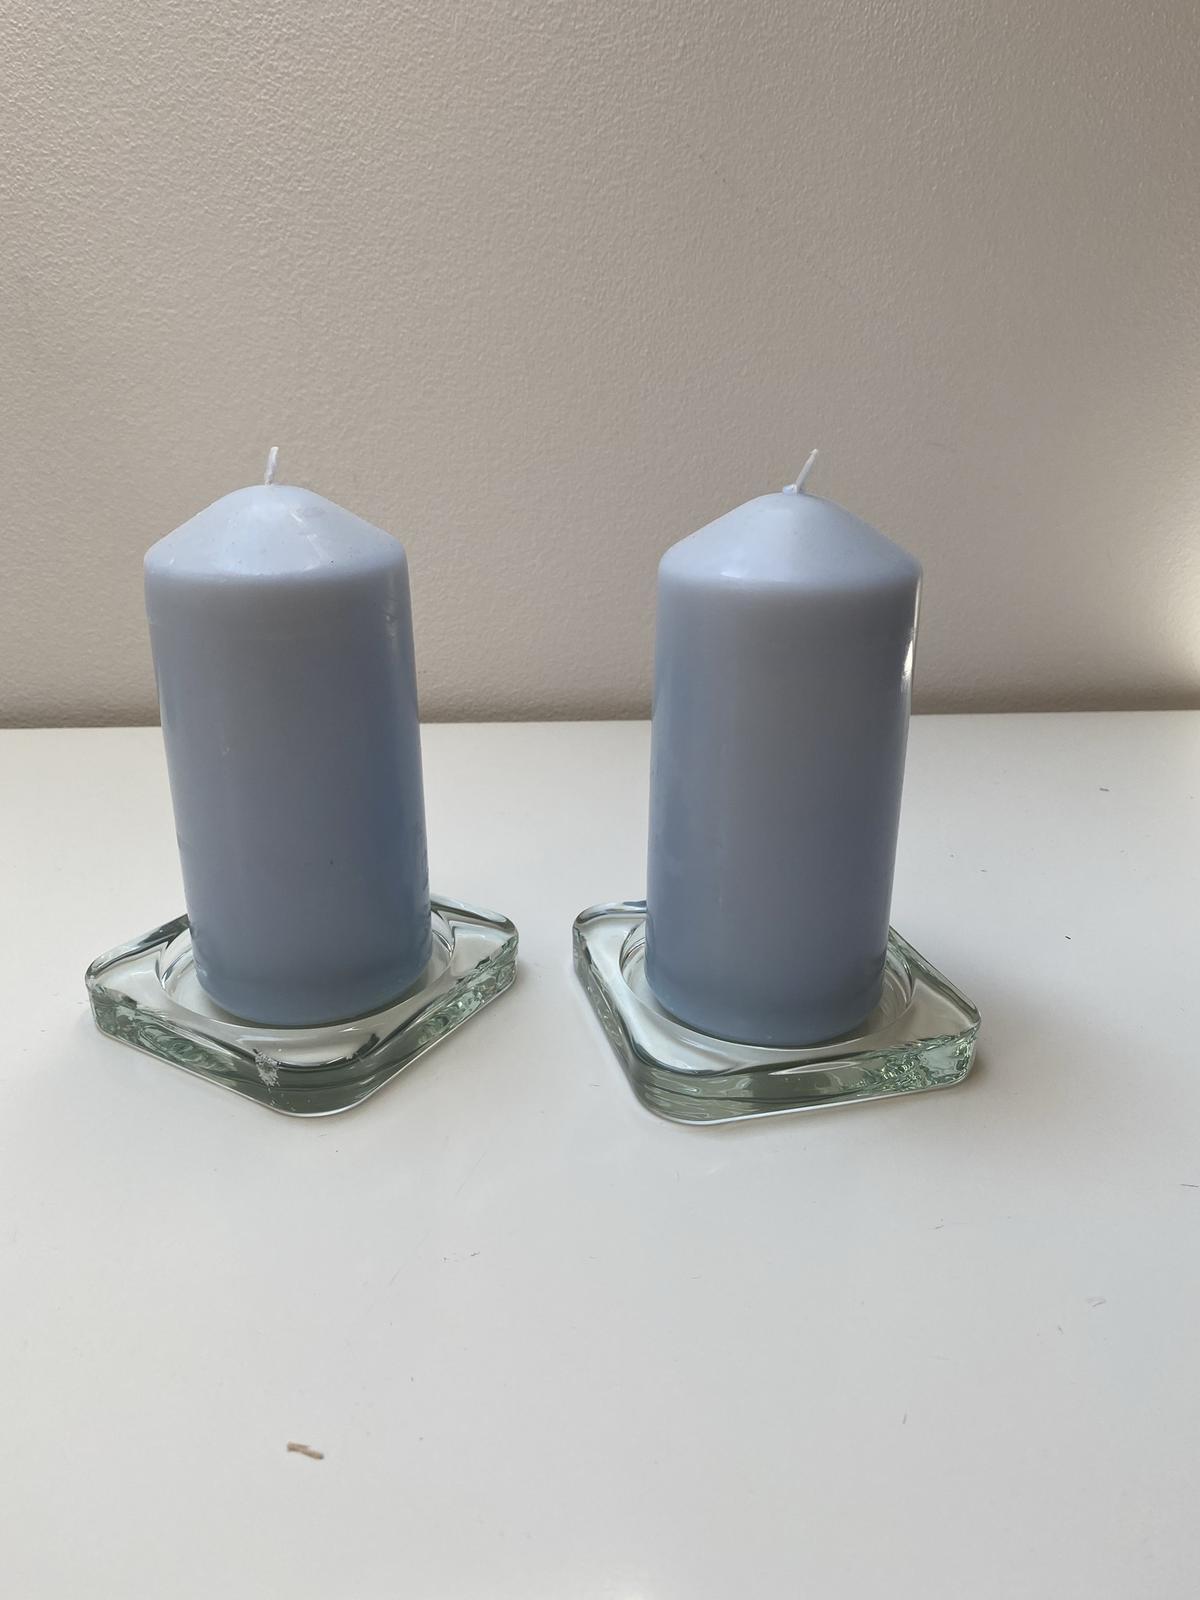 Svícny a svíčky - Obrázek č. 4